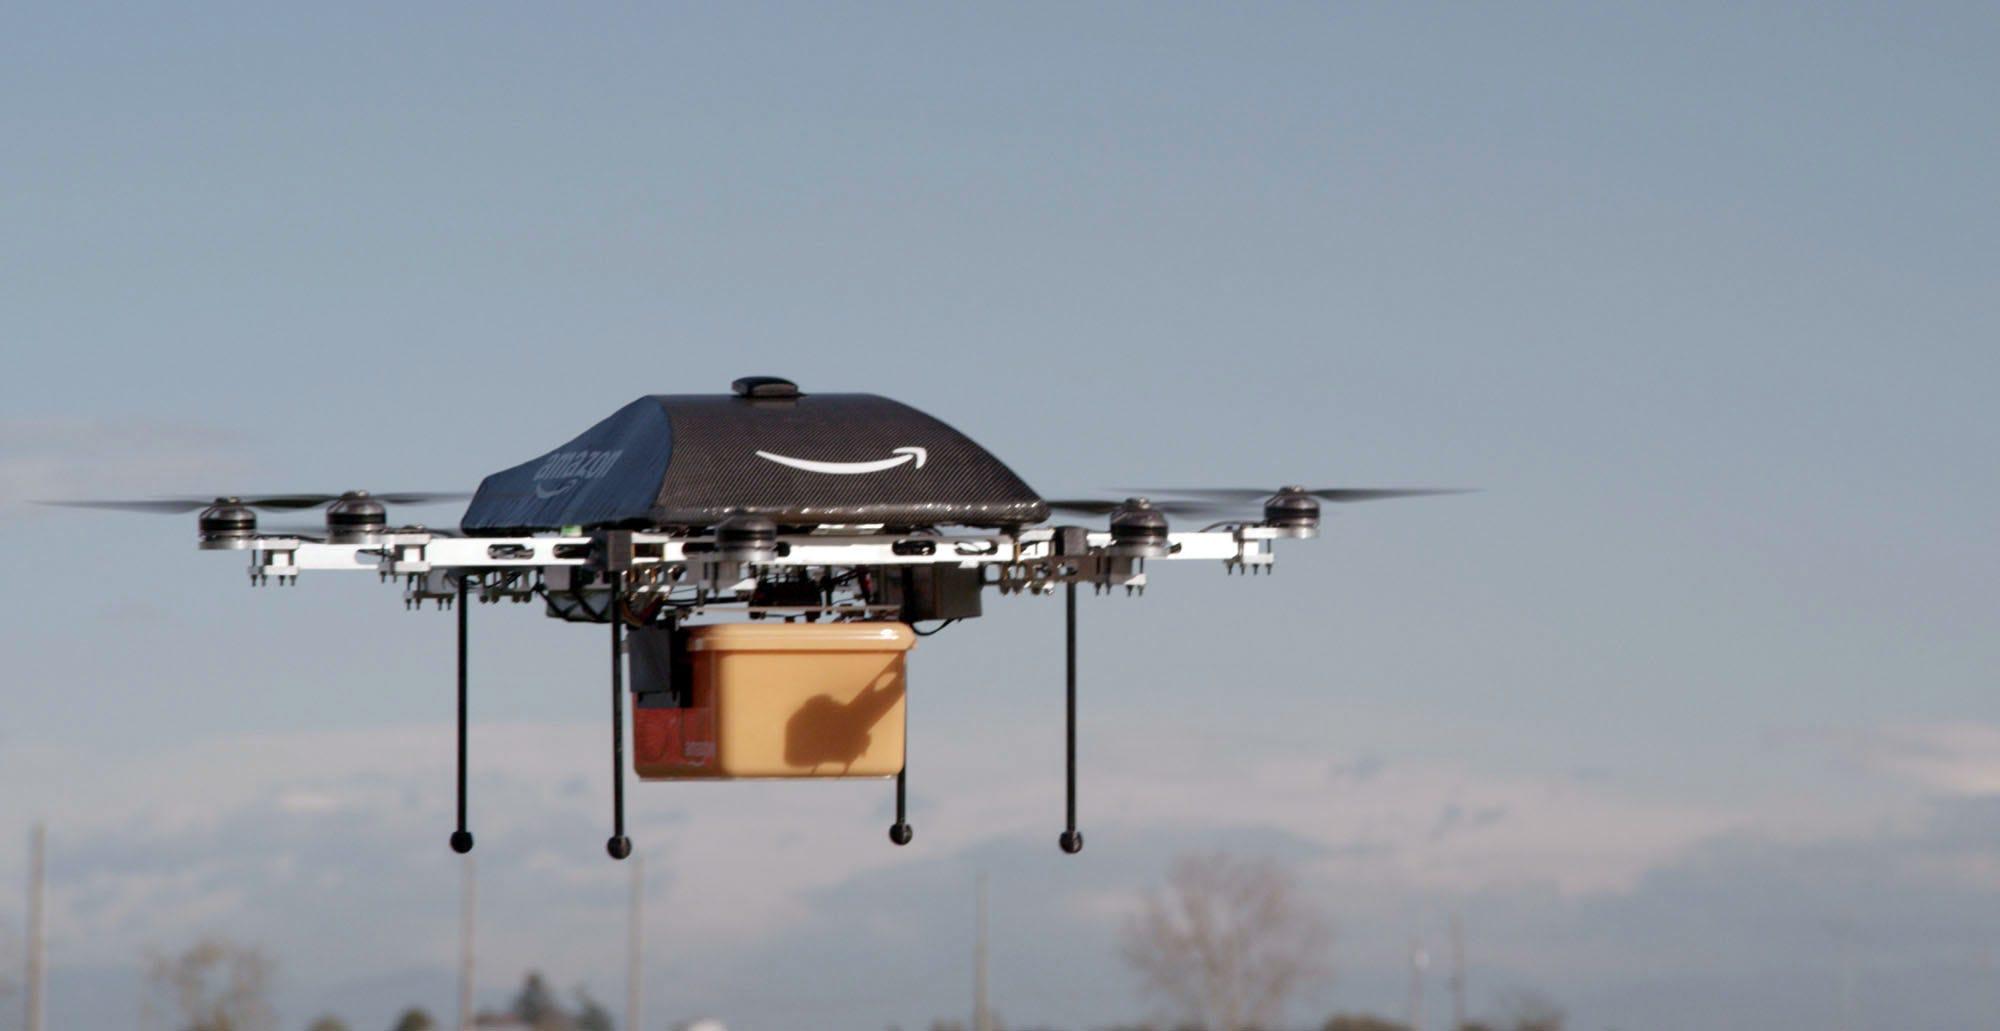 Pengiriman Paket Dengan Drone Akan Segera Terwujud!